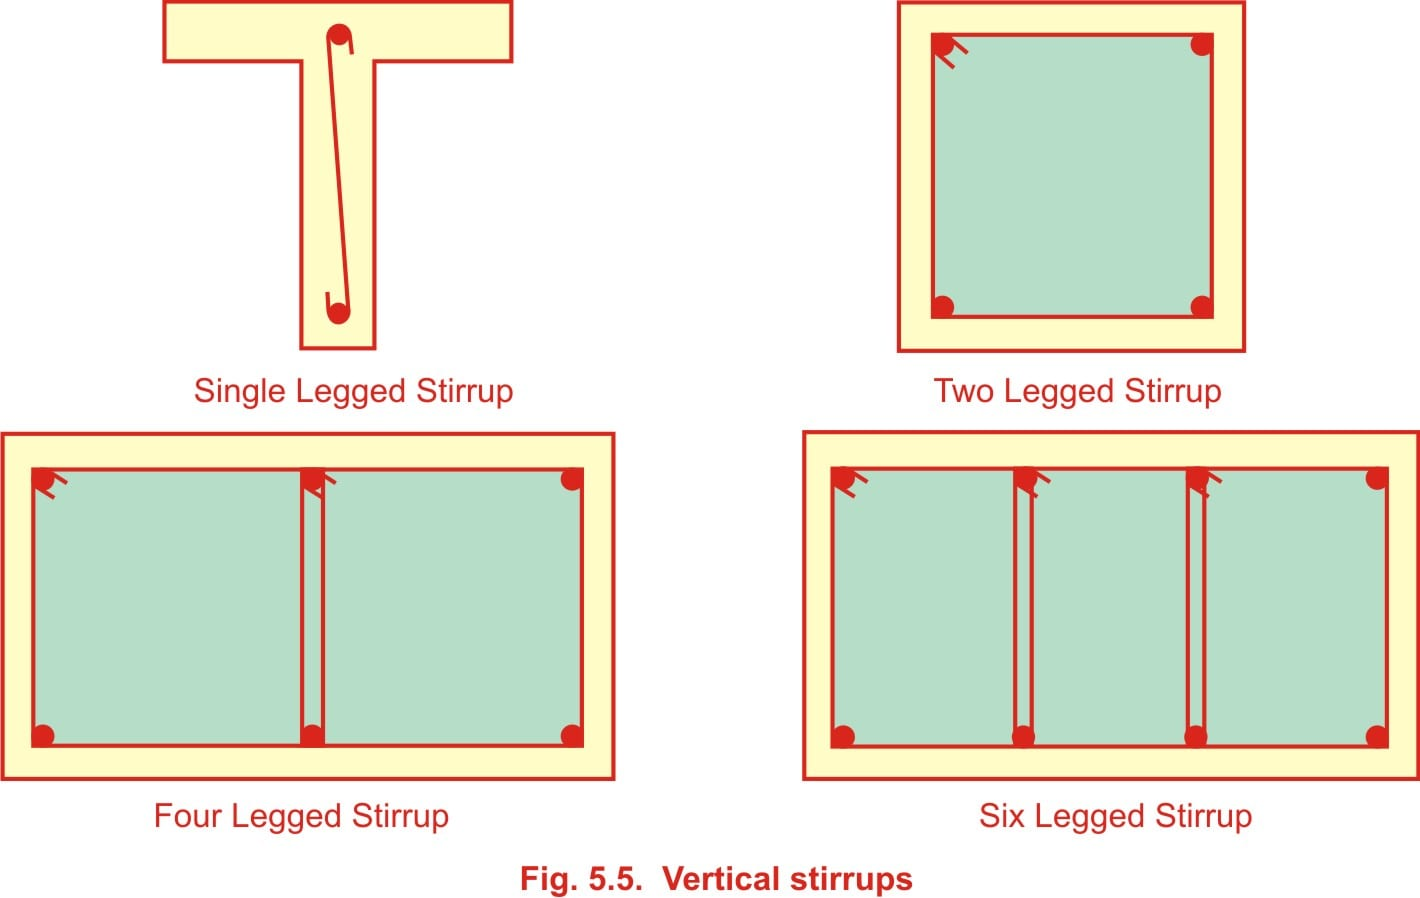 Vertical Stirrups